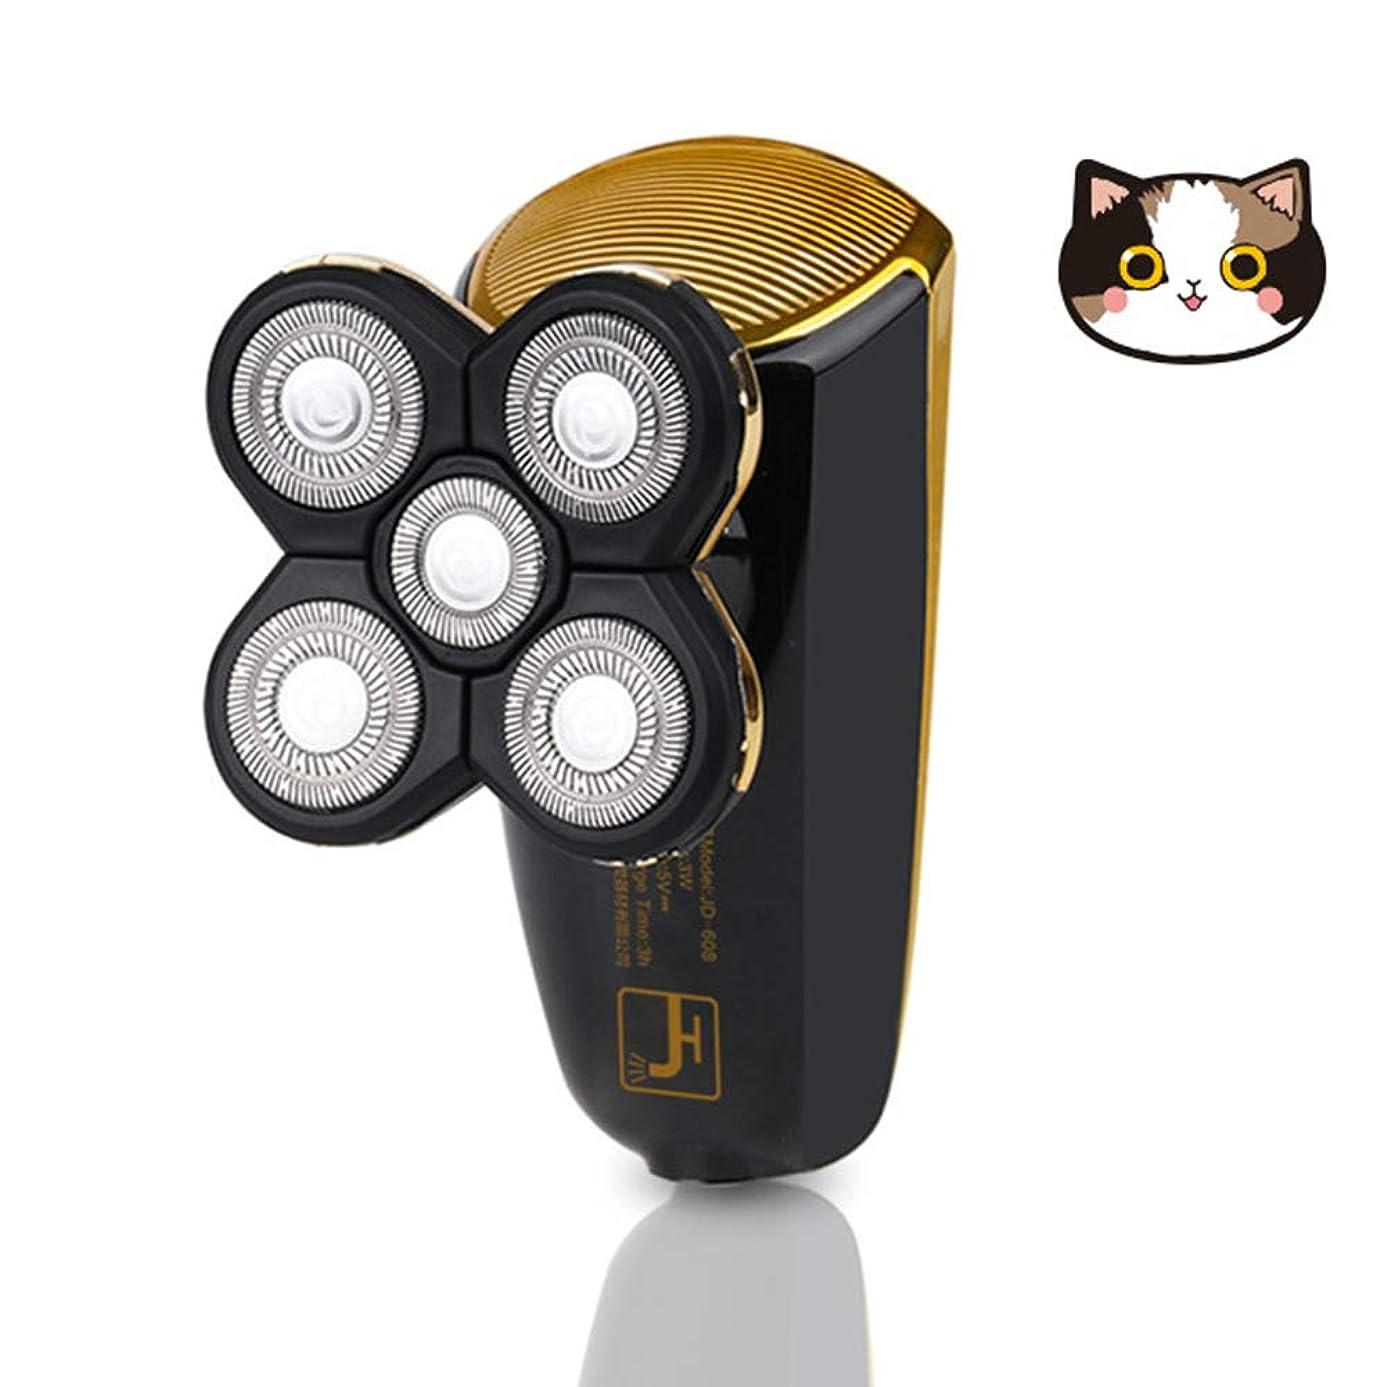 地球チャールズキージングメモMACOLAUDER メンズシェーバー USB充電式 5枚刃 回転式ヘッド 電気 WET&DRY シェーバー ヒゲソリ IPX6級防水 お風呂剃り&丸洗い可 男性用 ミニ鏡付 ゴールド